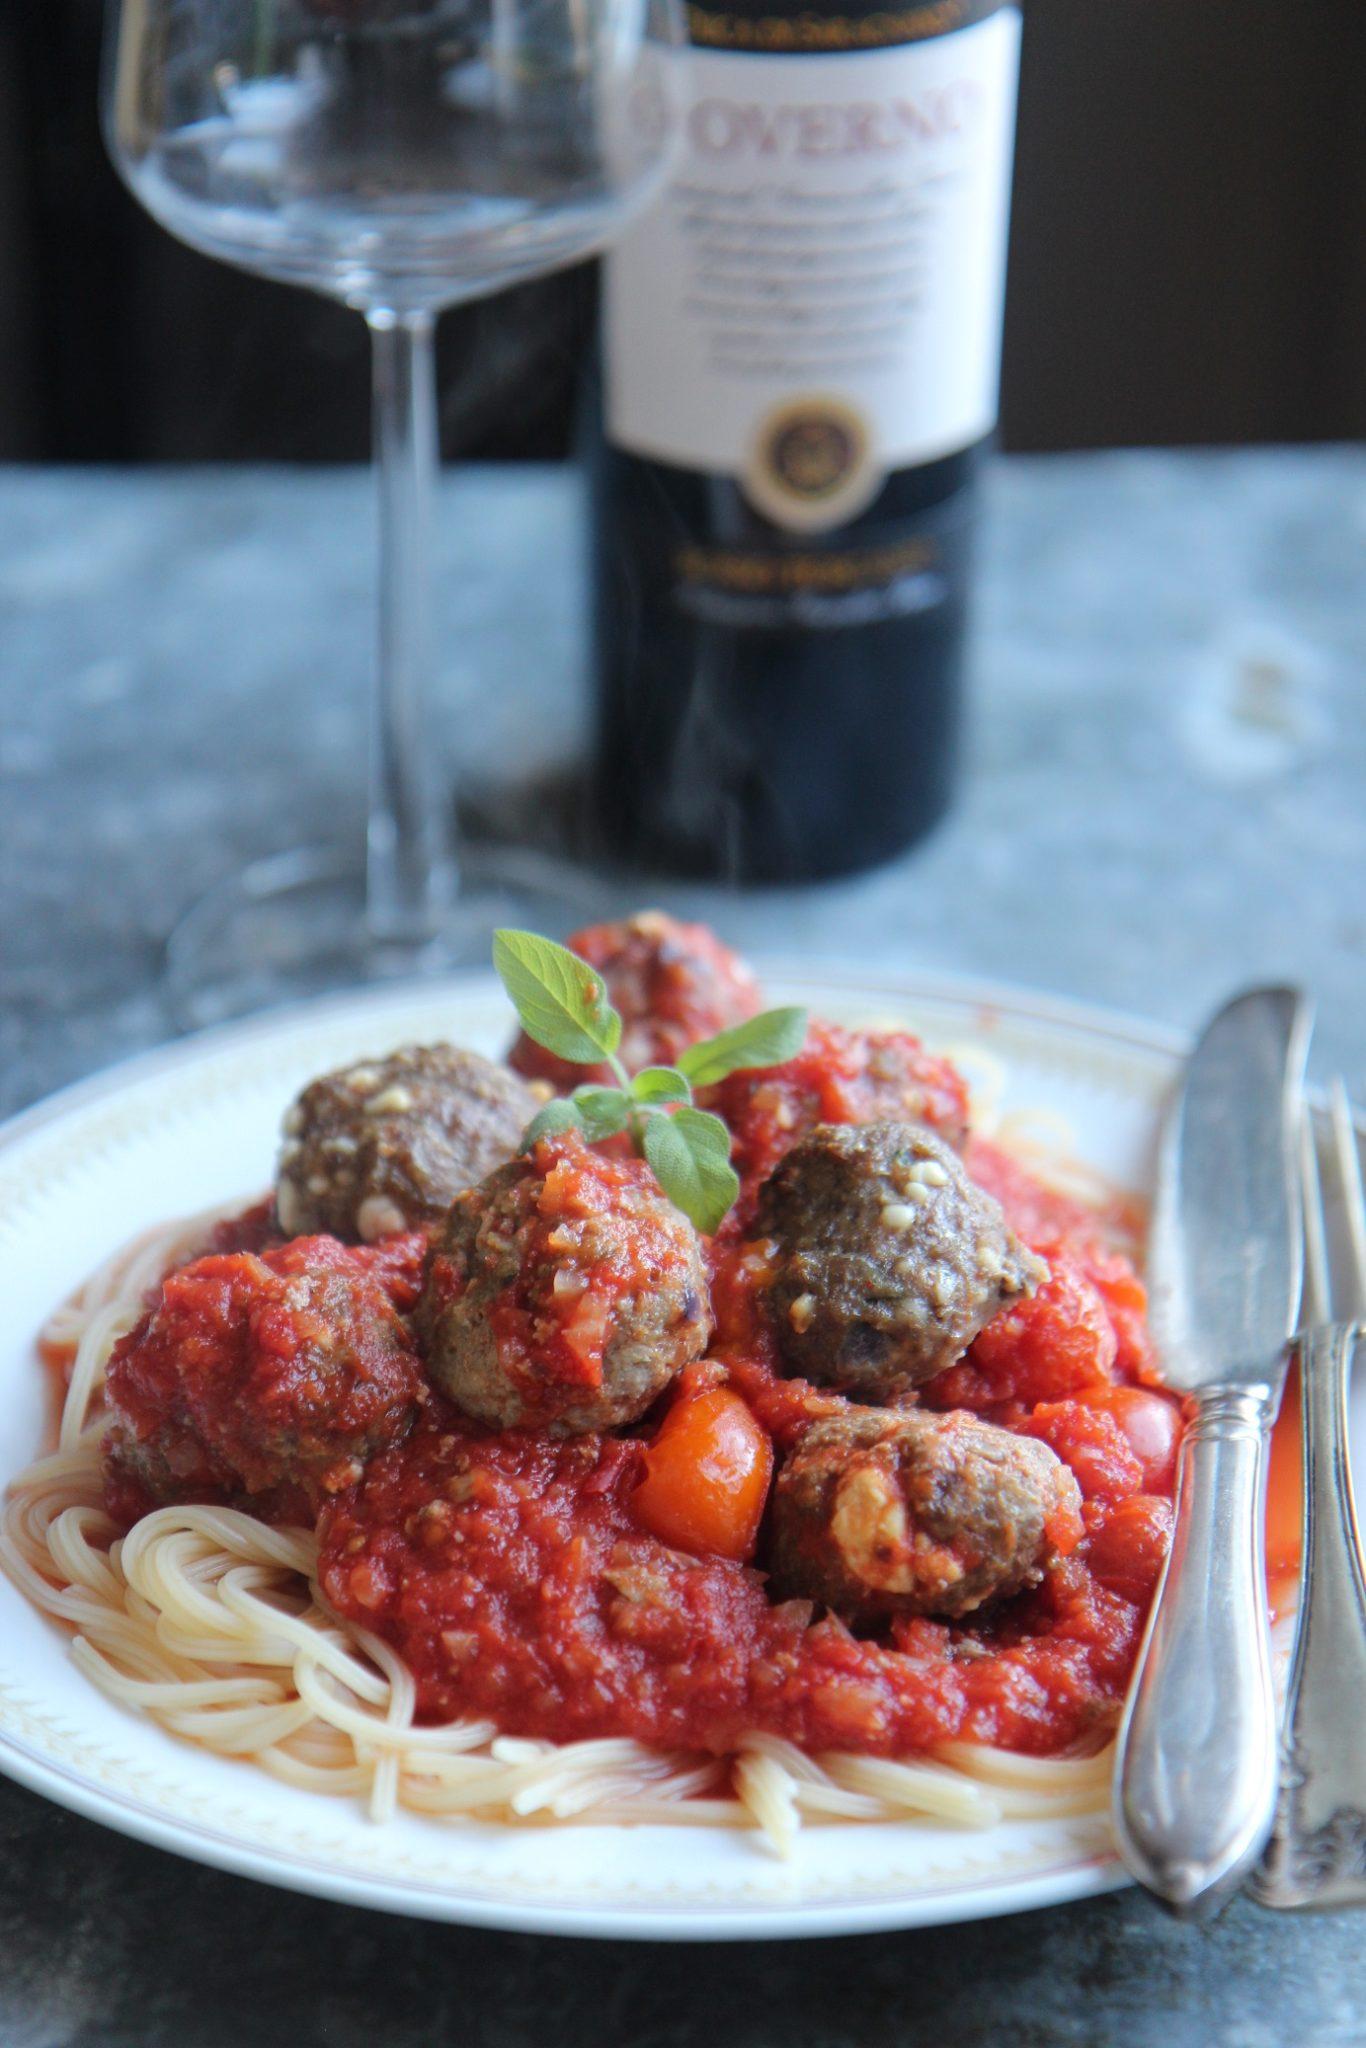 Viikko 12: Fetalla ja salvialla maustetut karitsanpyörykät tomaattikastikkeessa